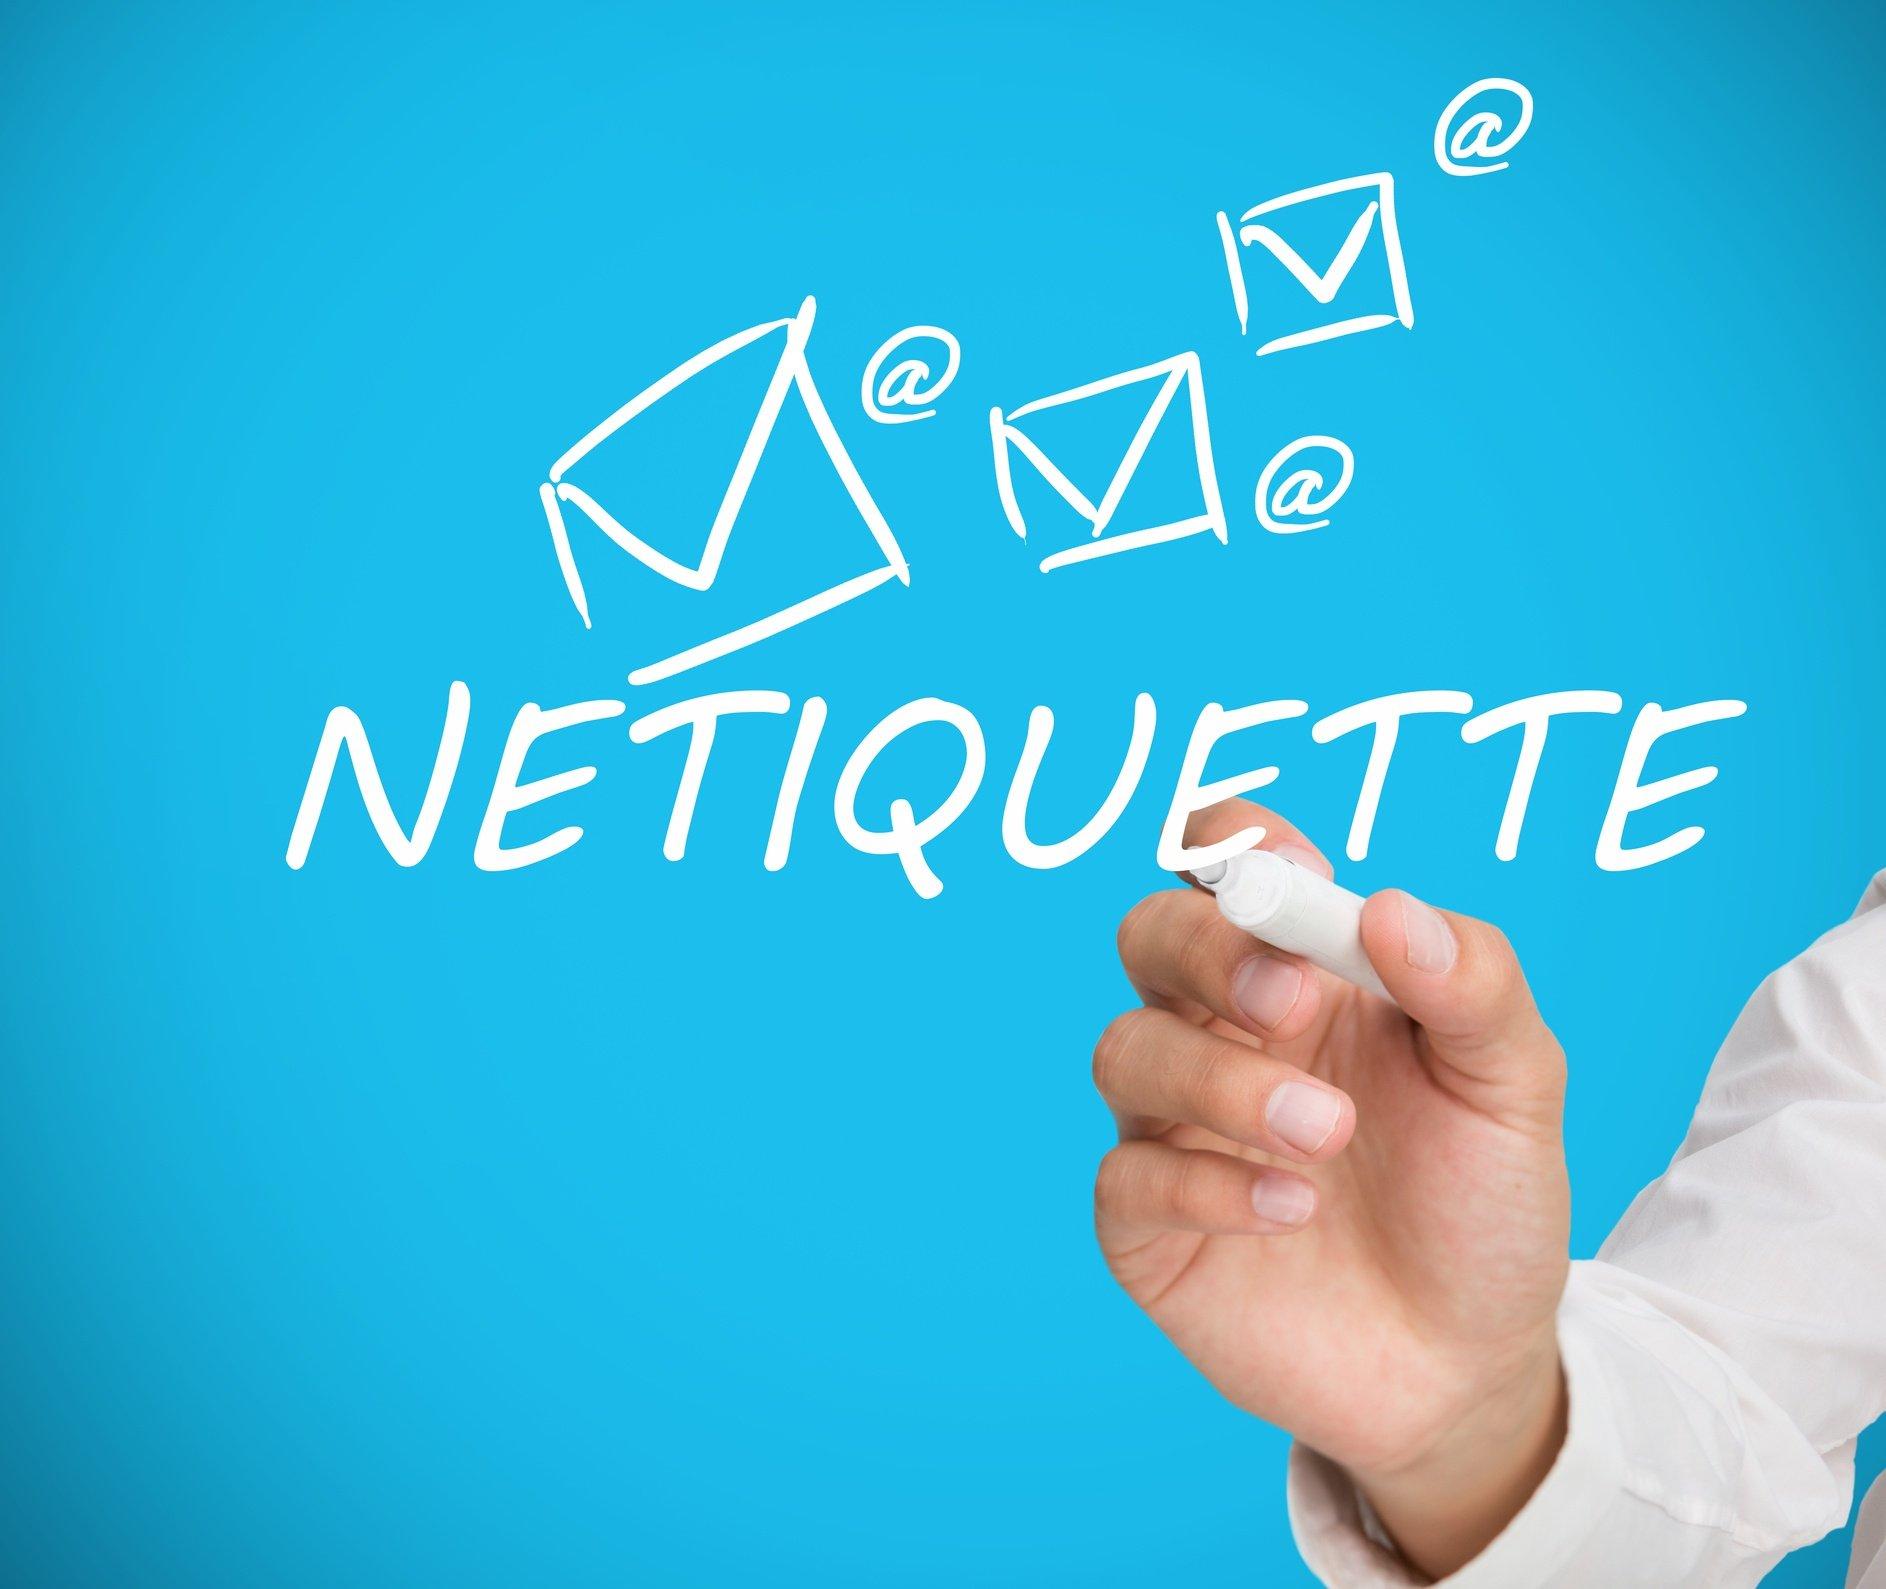 http://cdn2.hubspot.net/hubfs/497826/ThinkstockPhotos-471756255_netiquette.jpg